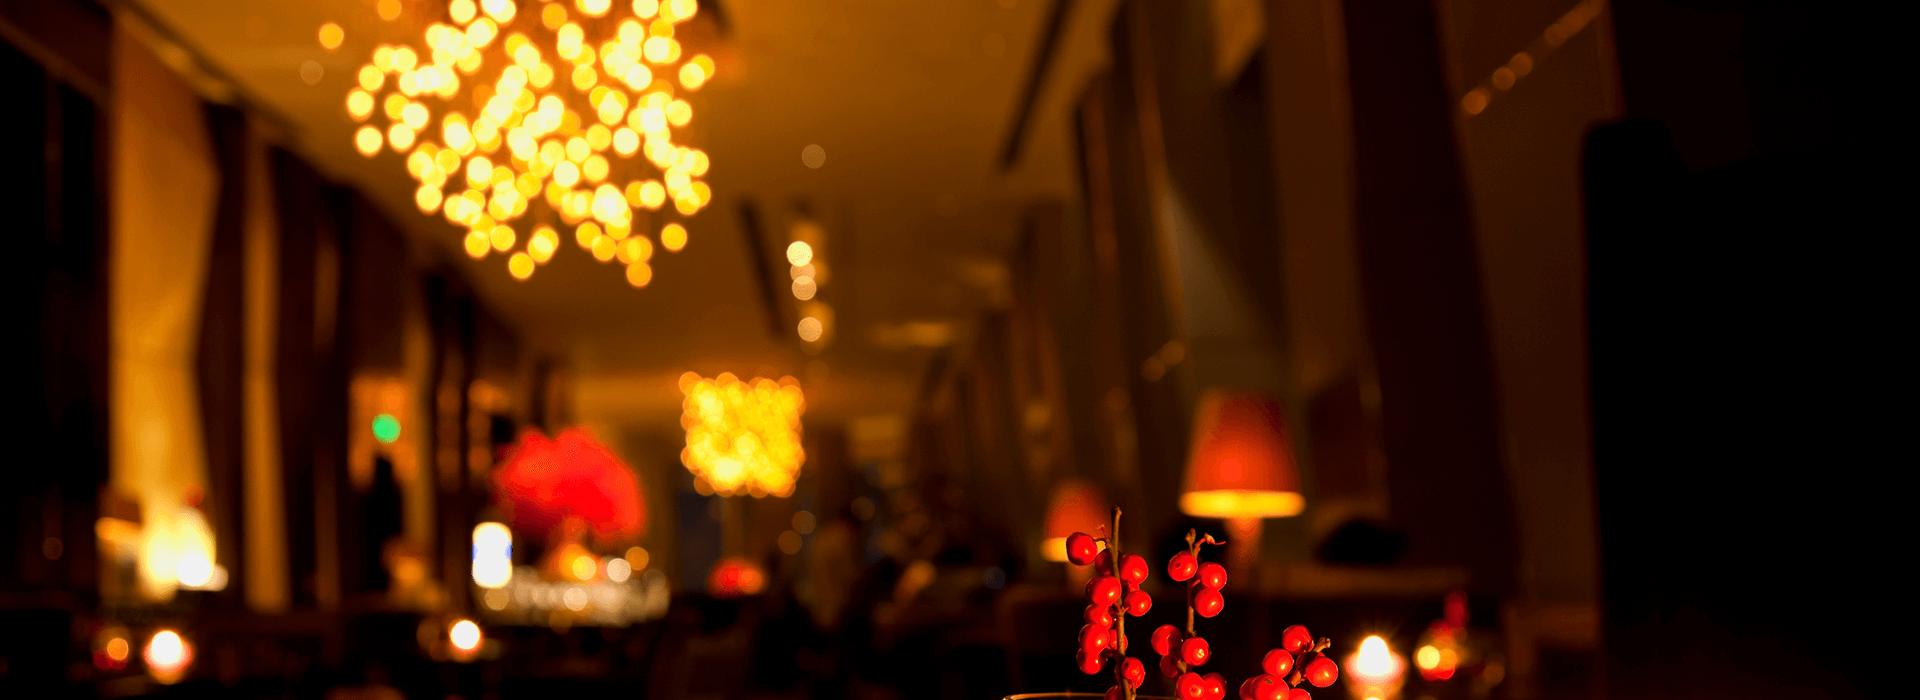 restaurants-pingwaterloo-waterloo